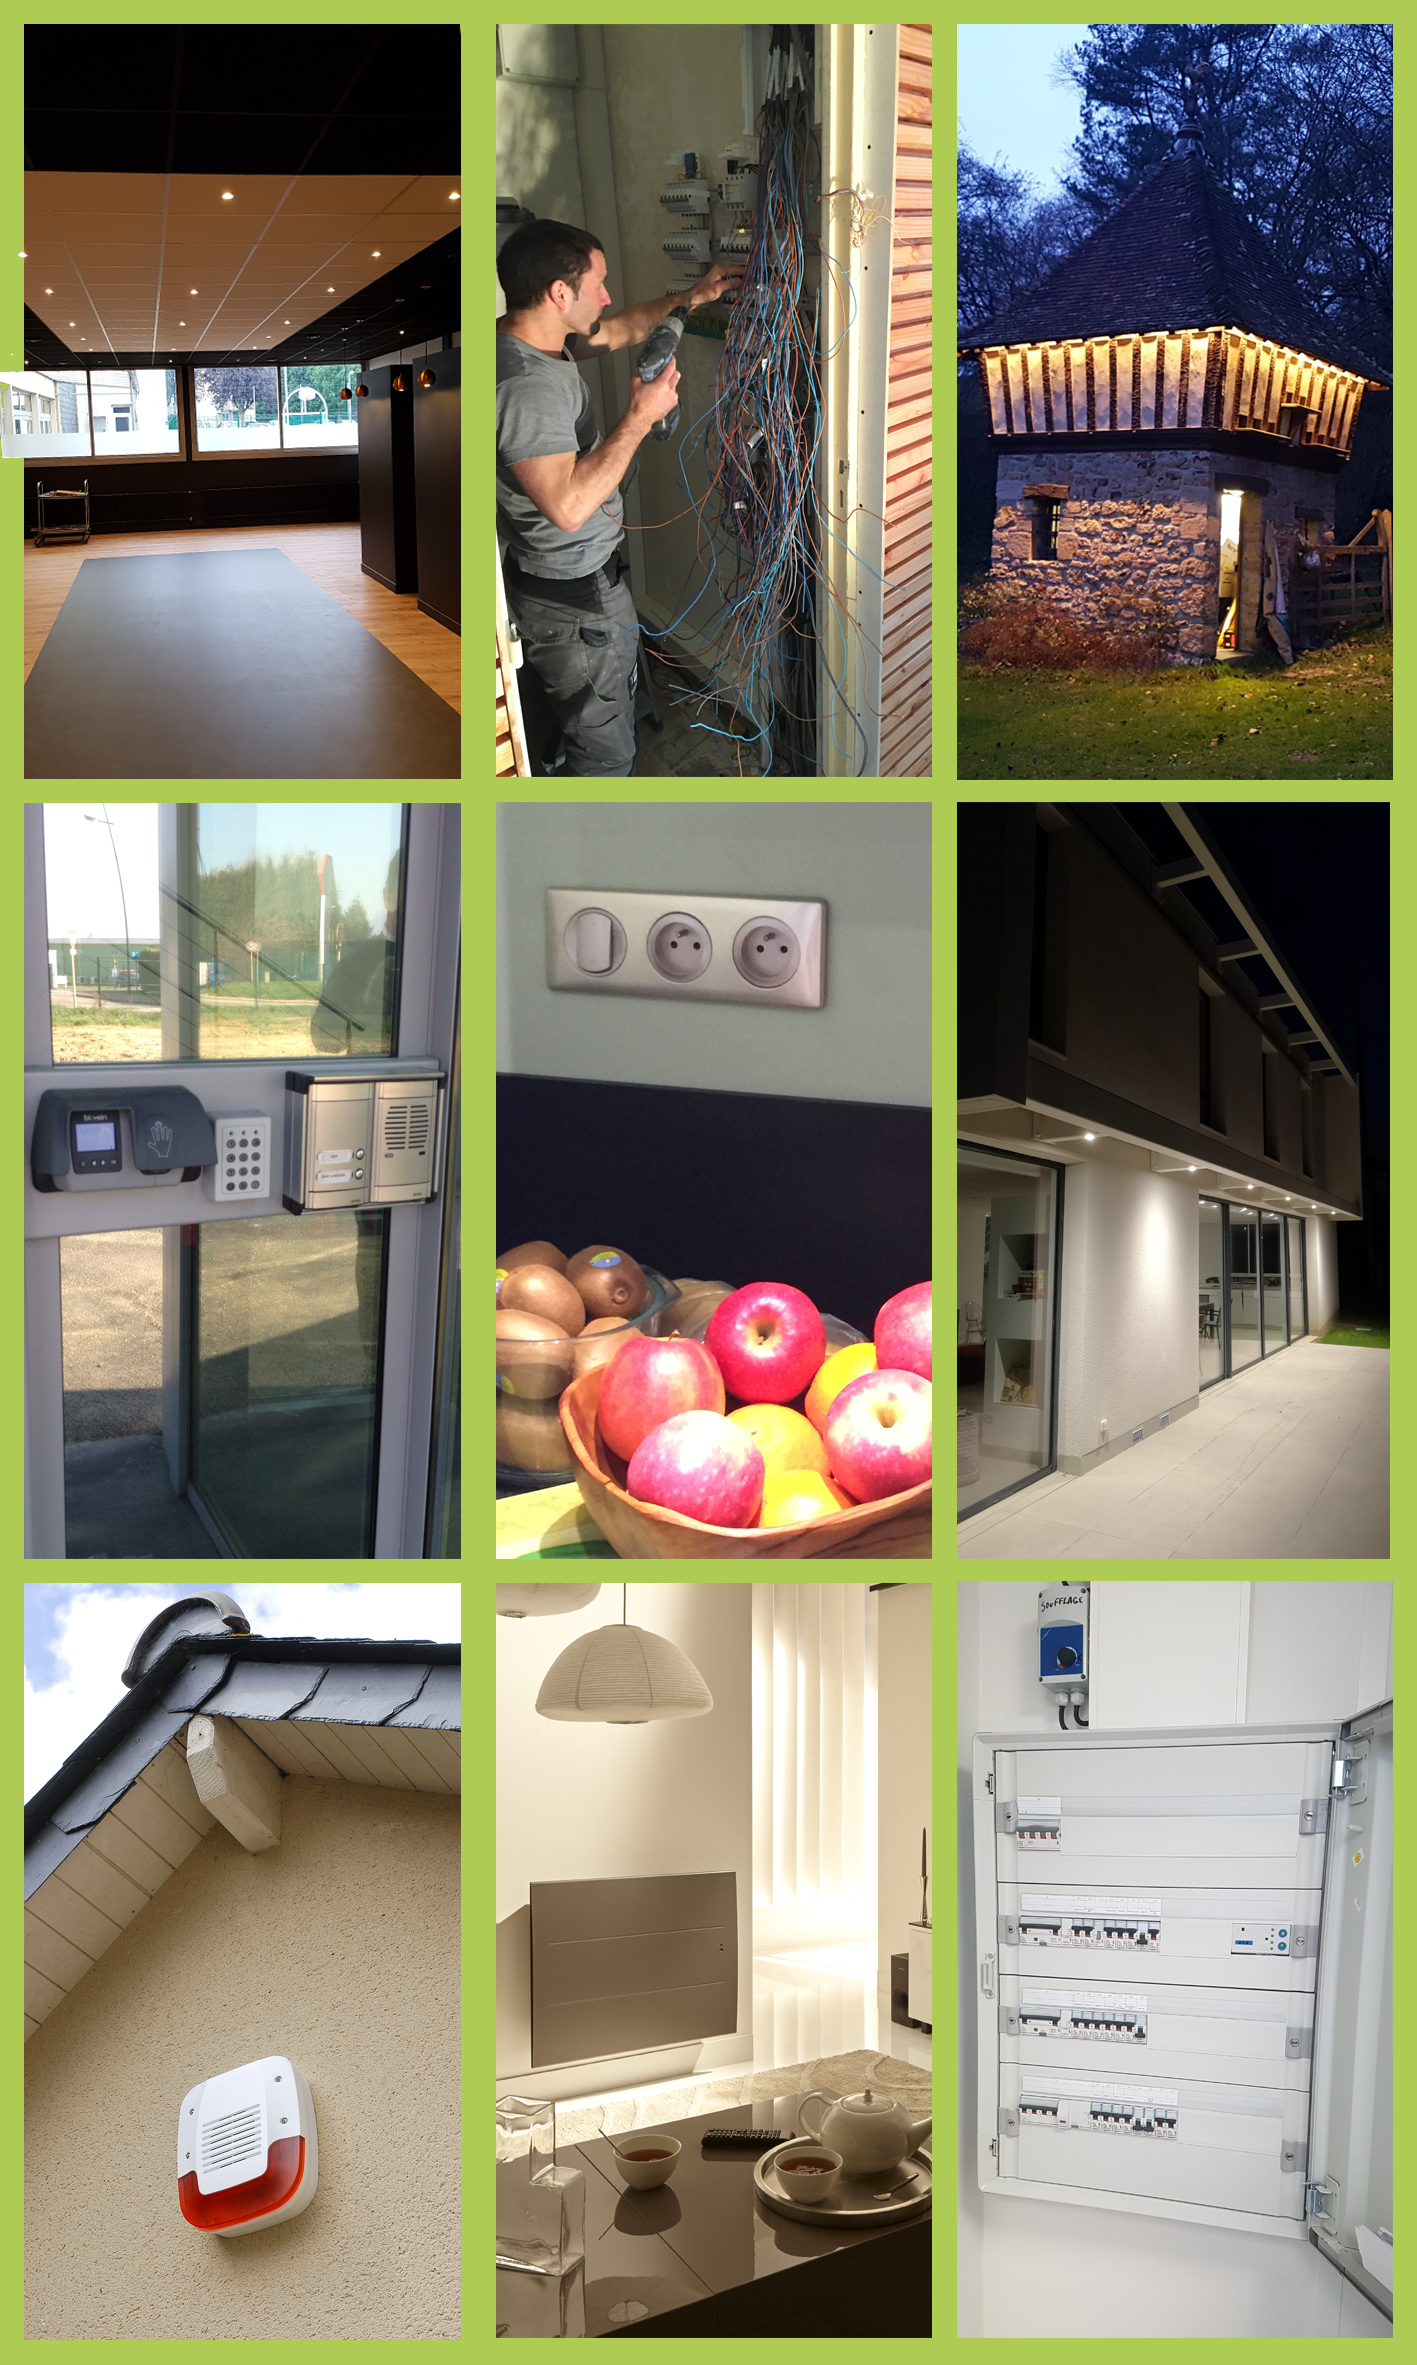 Dépannage-électrique-électricien-Caen-Deauville